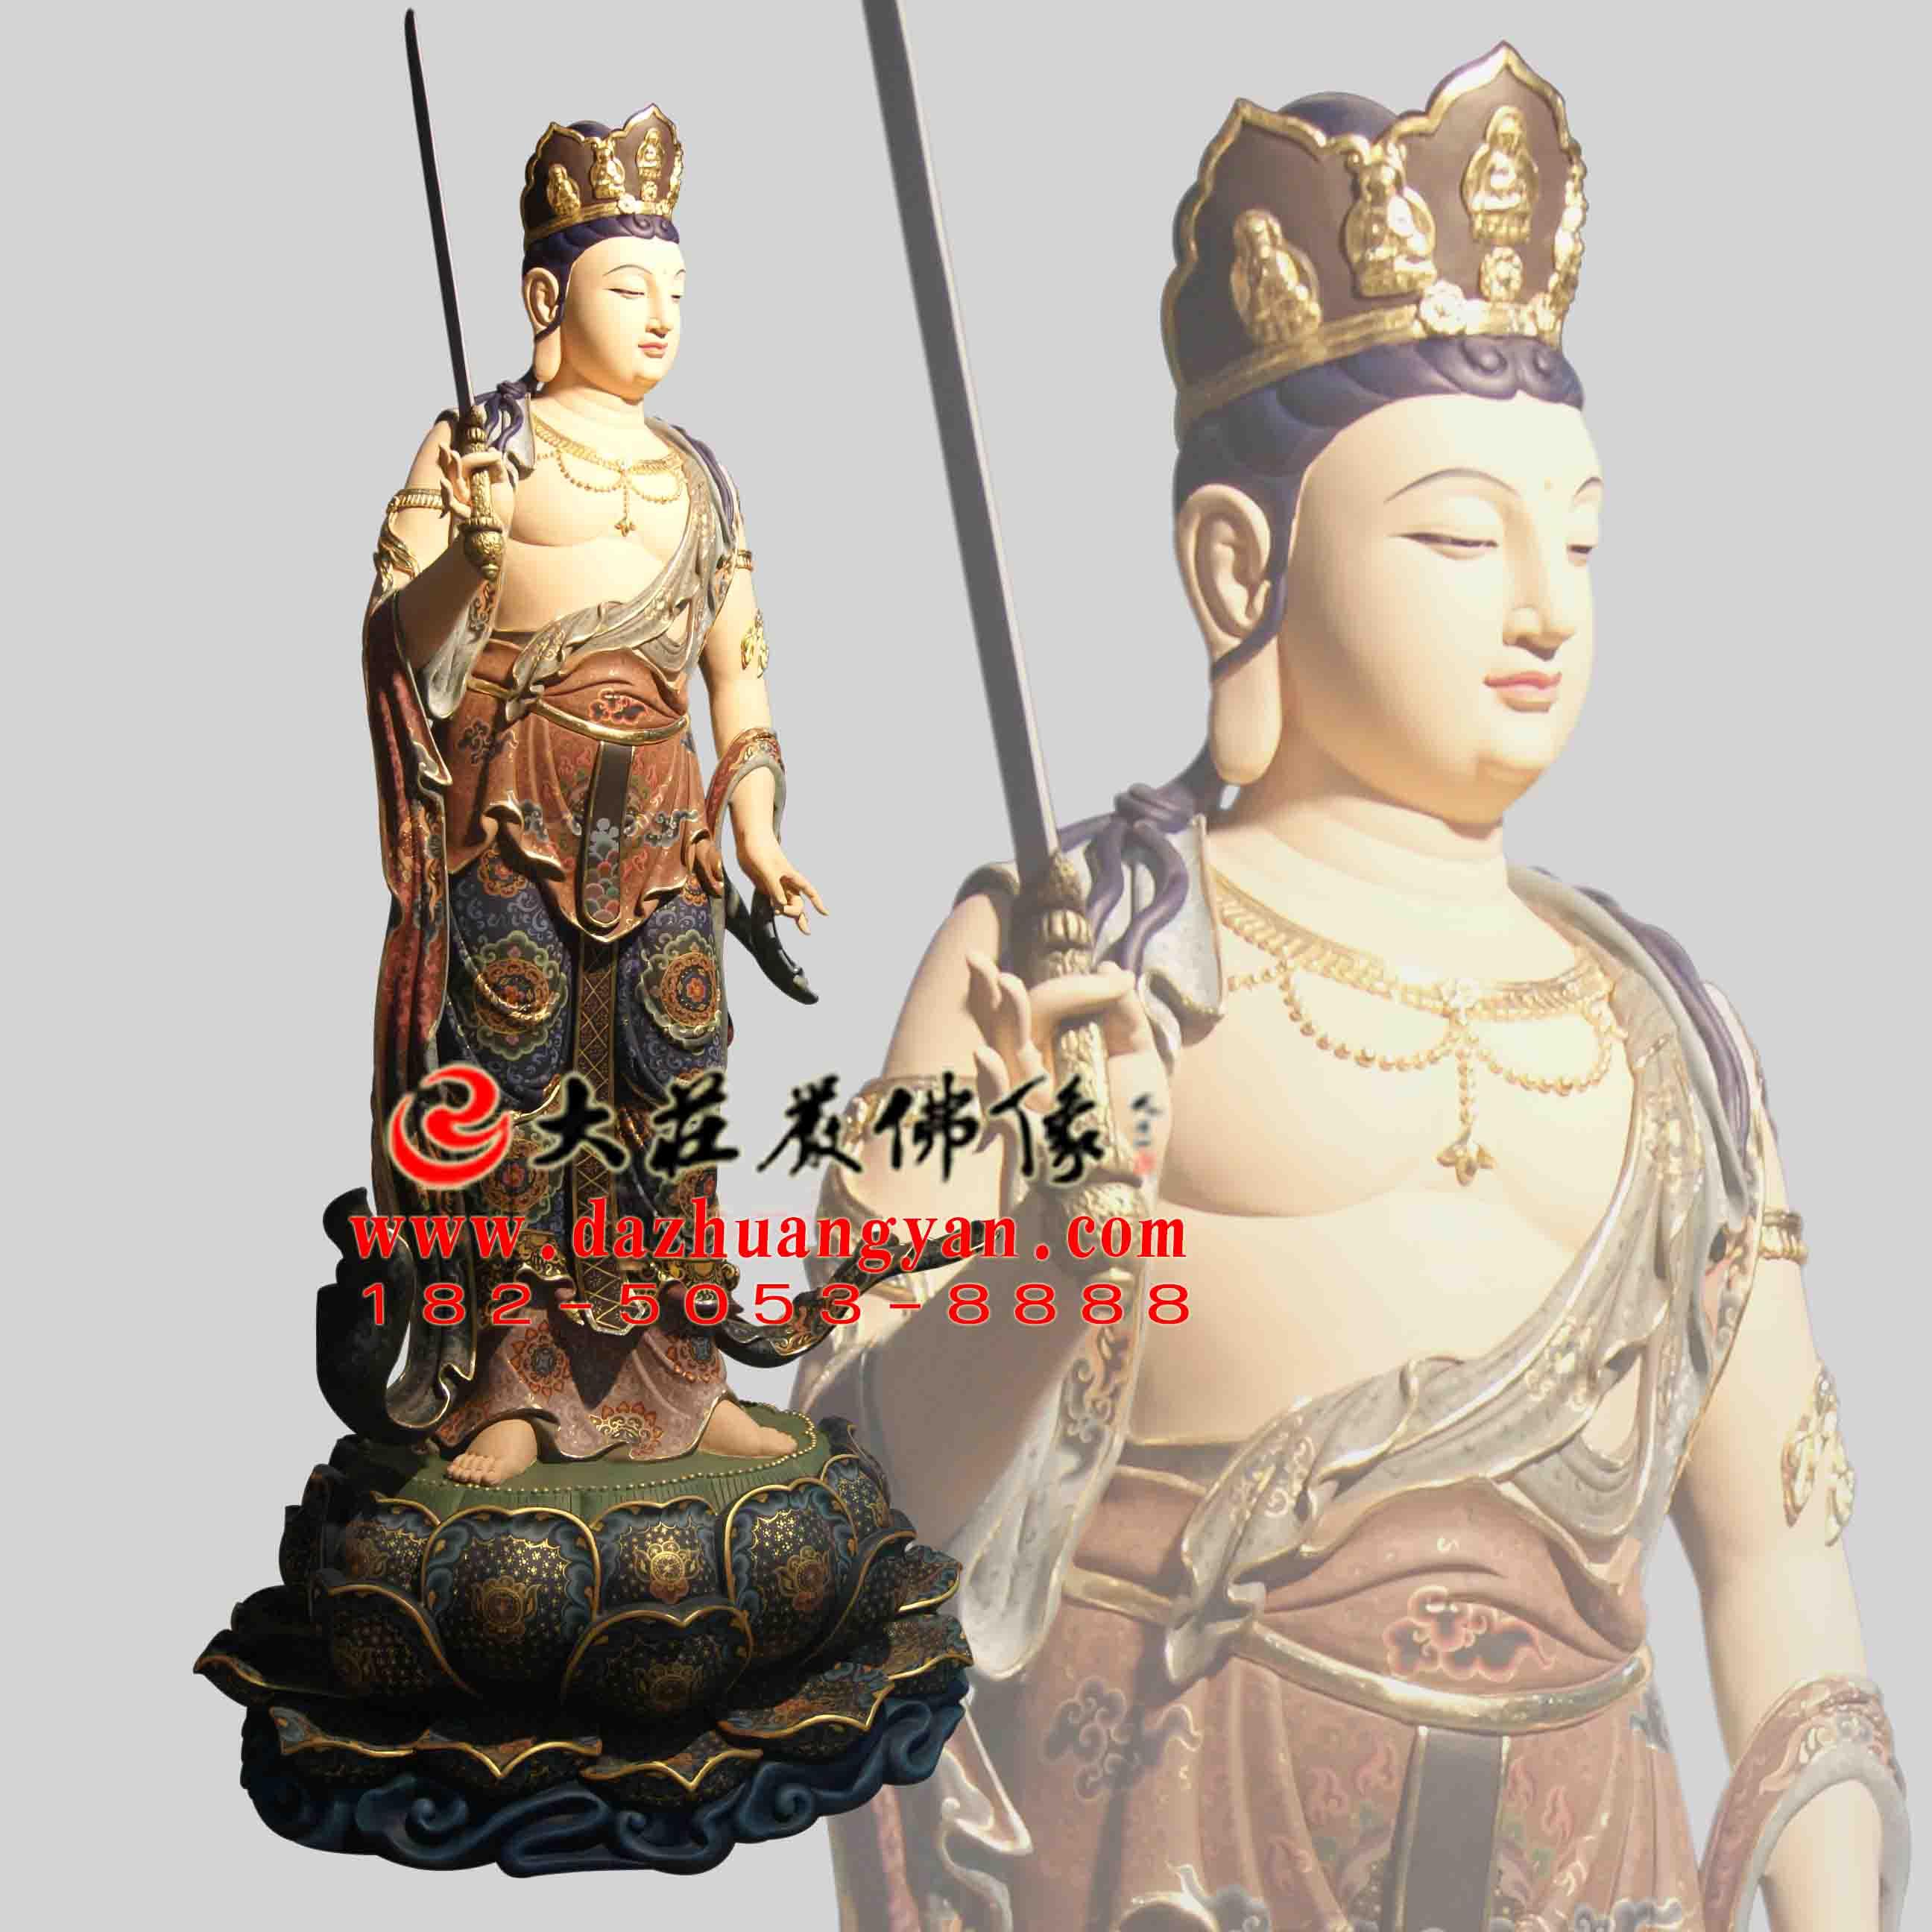 生漆脱胎八大菩萨之普贤菩萨彩绘佛像【1707】